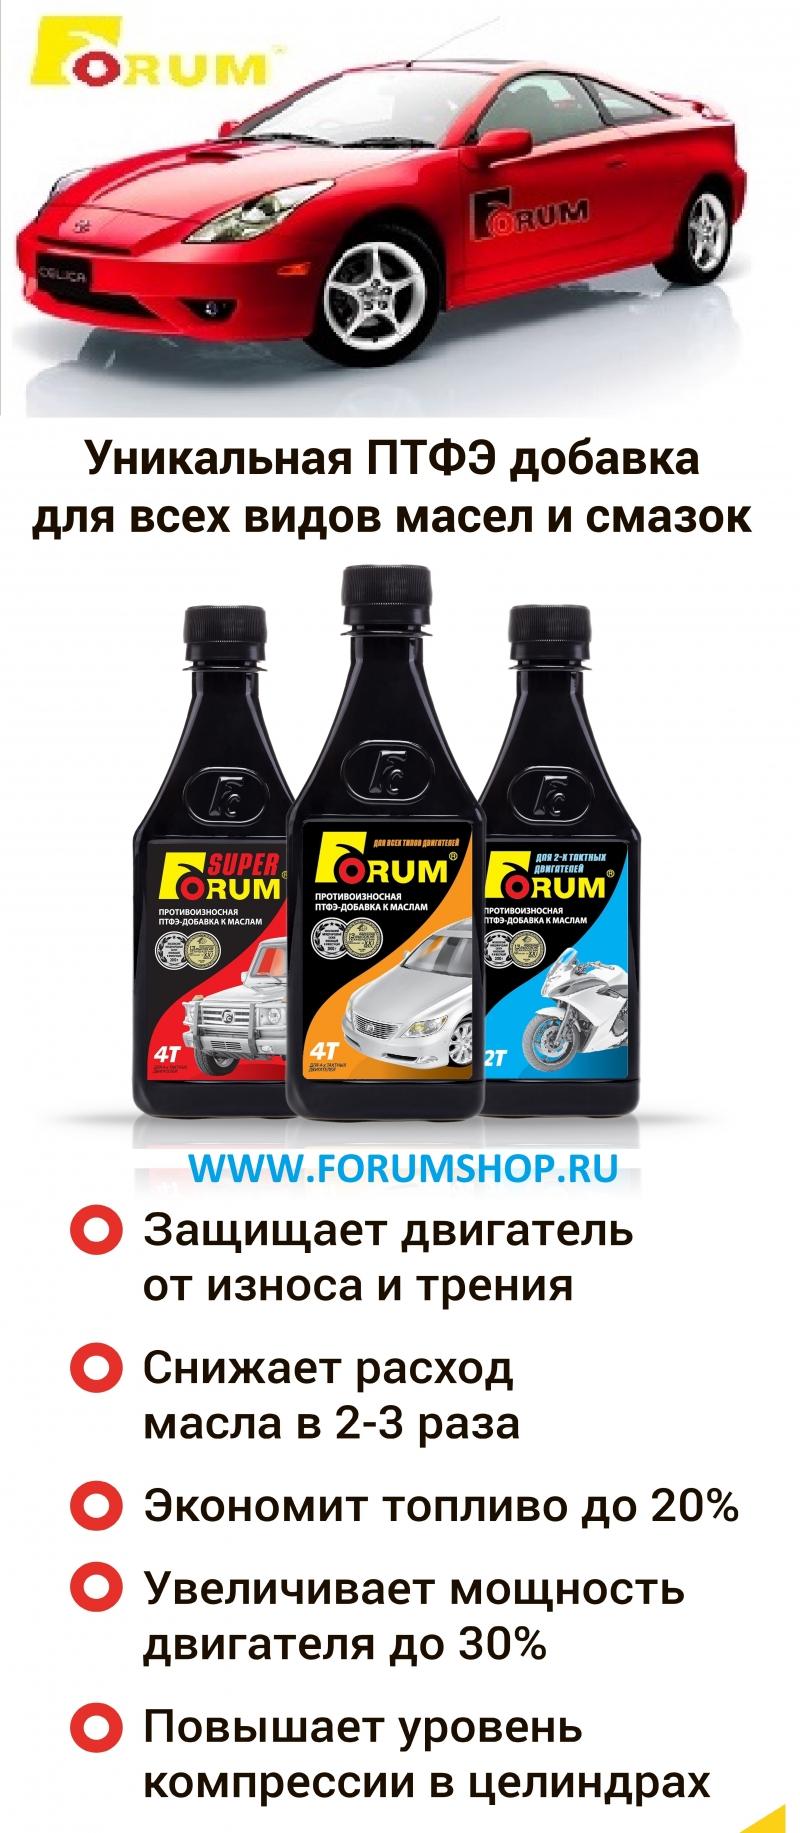 http://img04.kupiprodai.ru/082016/1471533638808.jpg